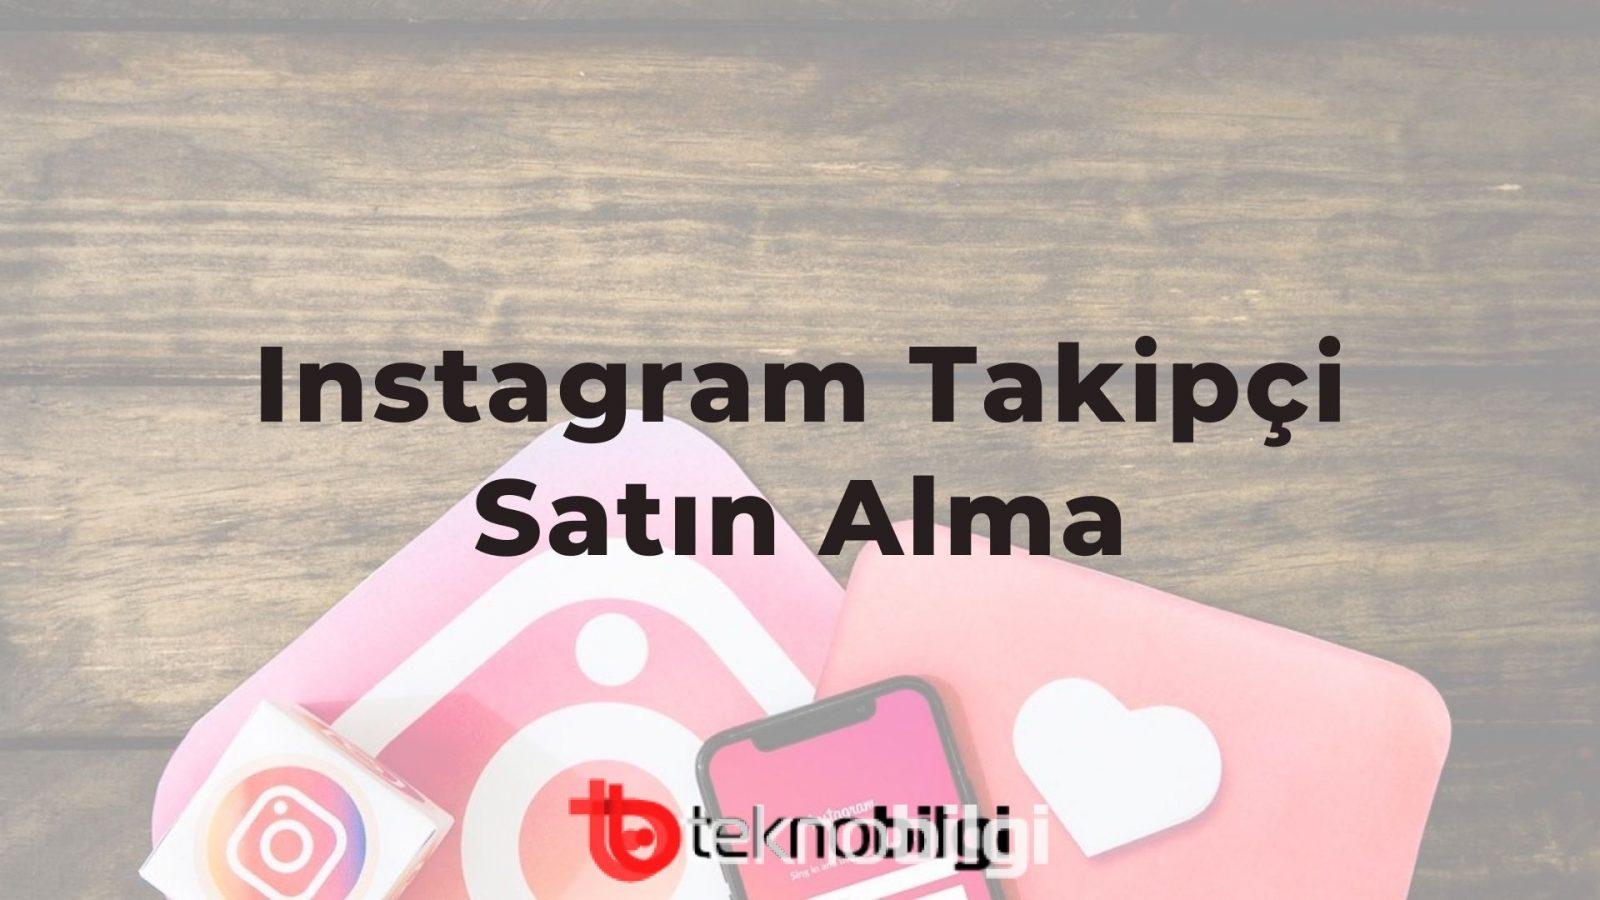 instagram takipci kasma 2020 en ucuz turk takipci satin al youtube Instagram Takipci Satin Al 2021 Detayli Anlatim Teknobilgi